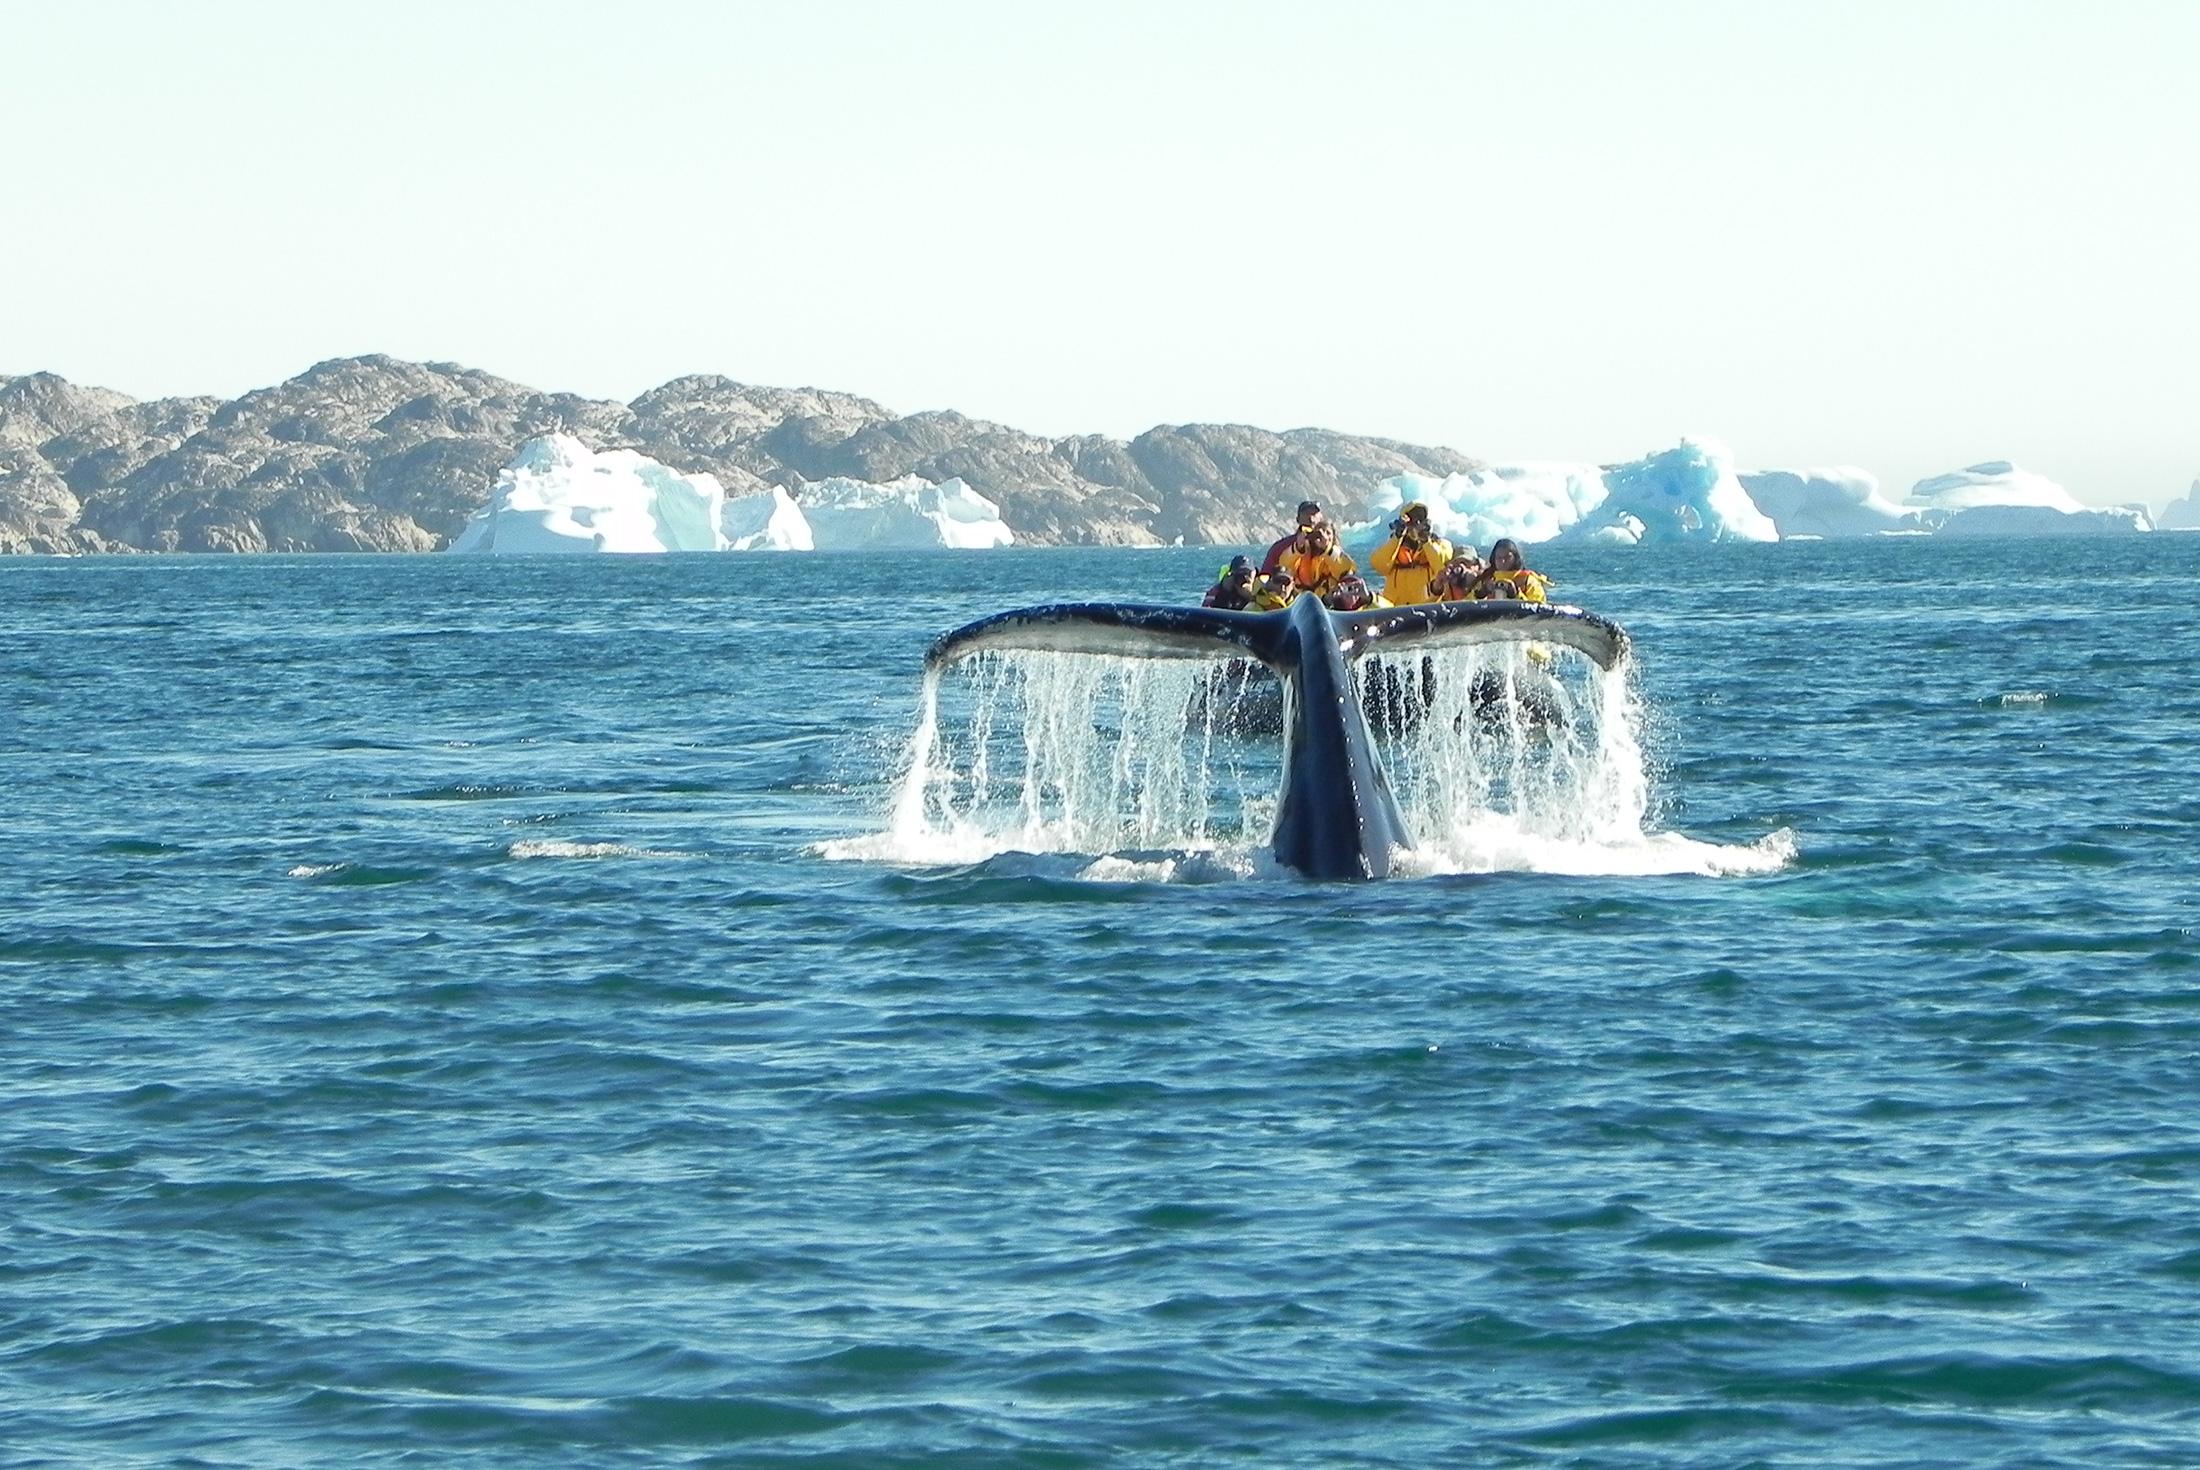 Spitsbergen, East Greenland and Iceland - Northbound 1